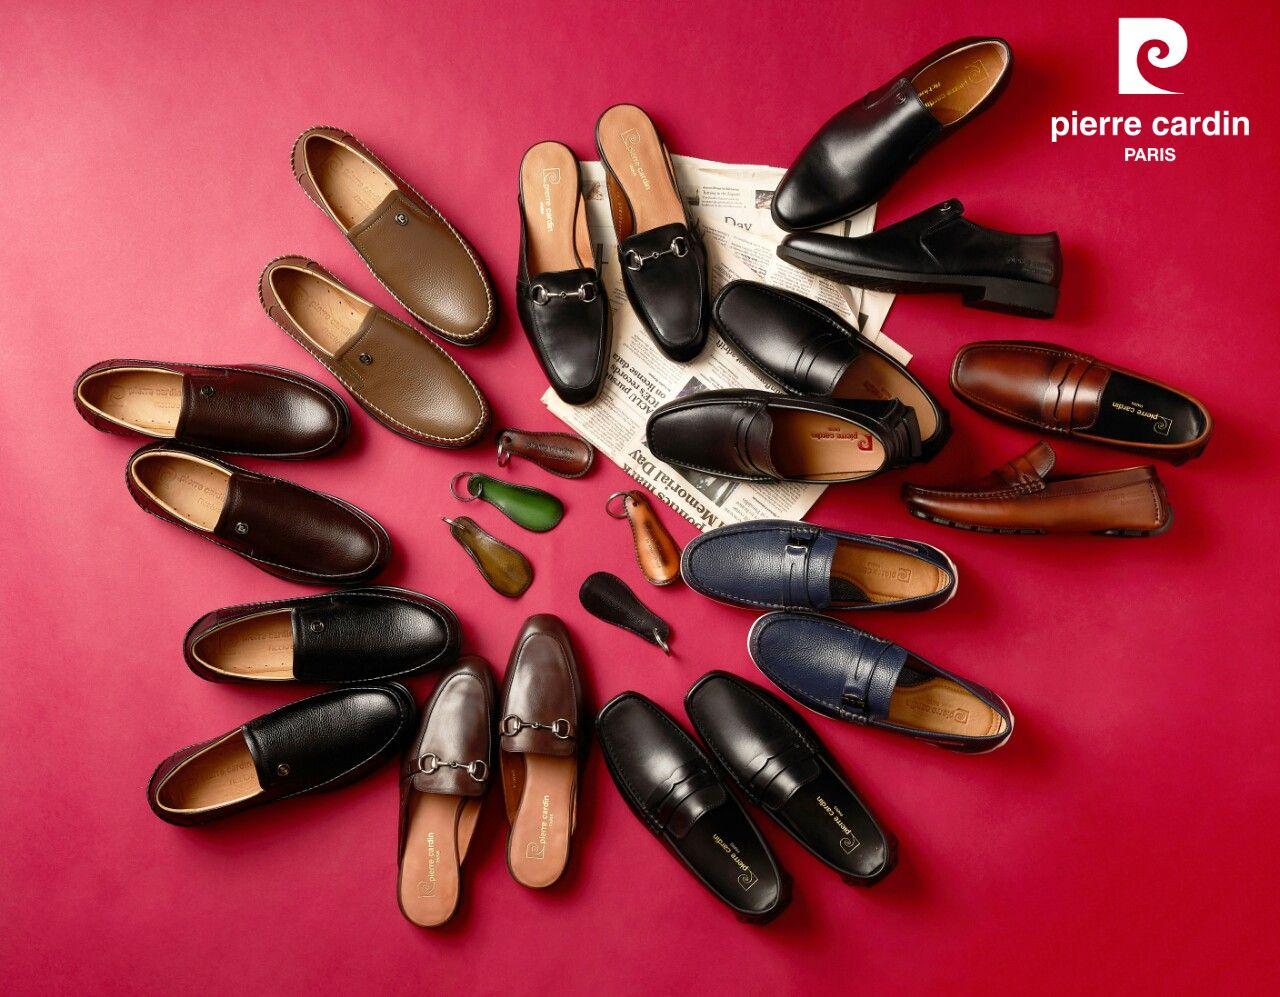 Giày da Pierre Cardin có kiểu dáng phong phú, sang trọng.